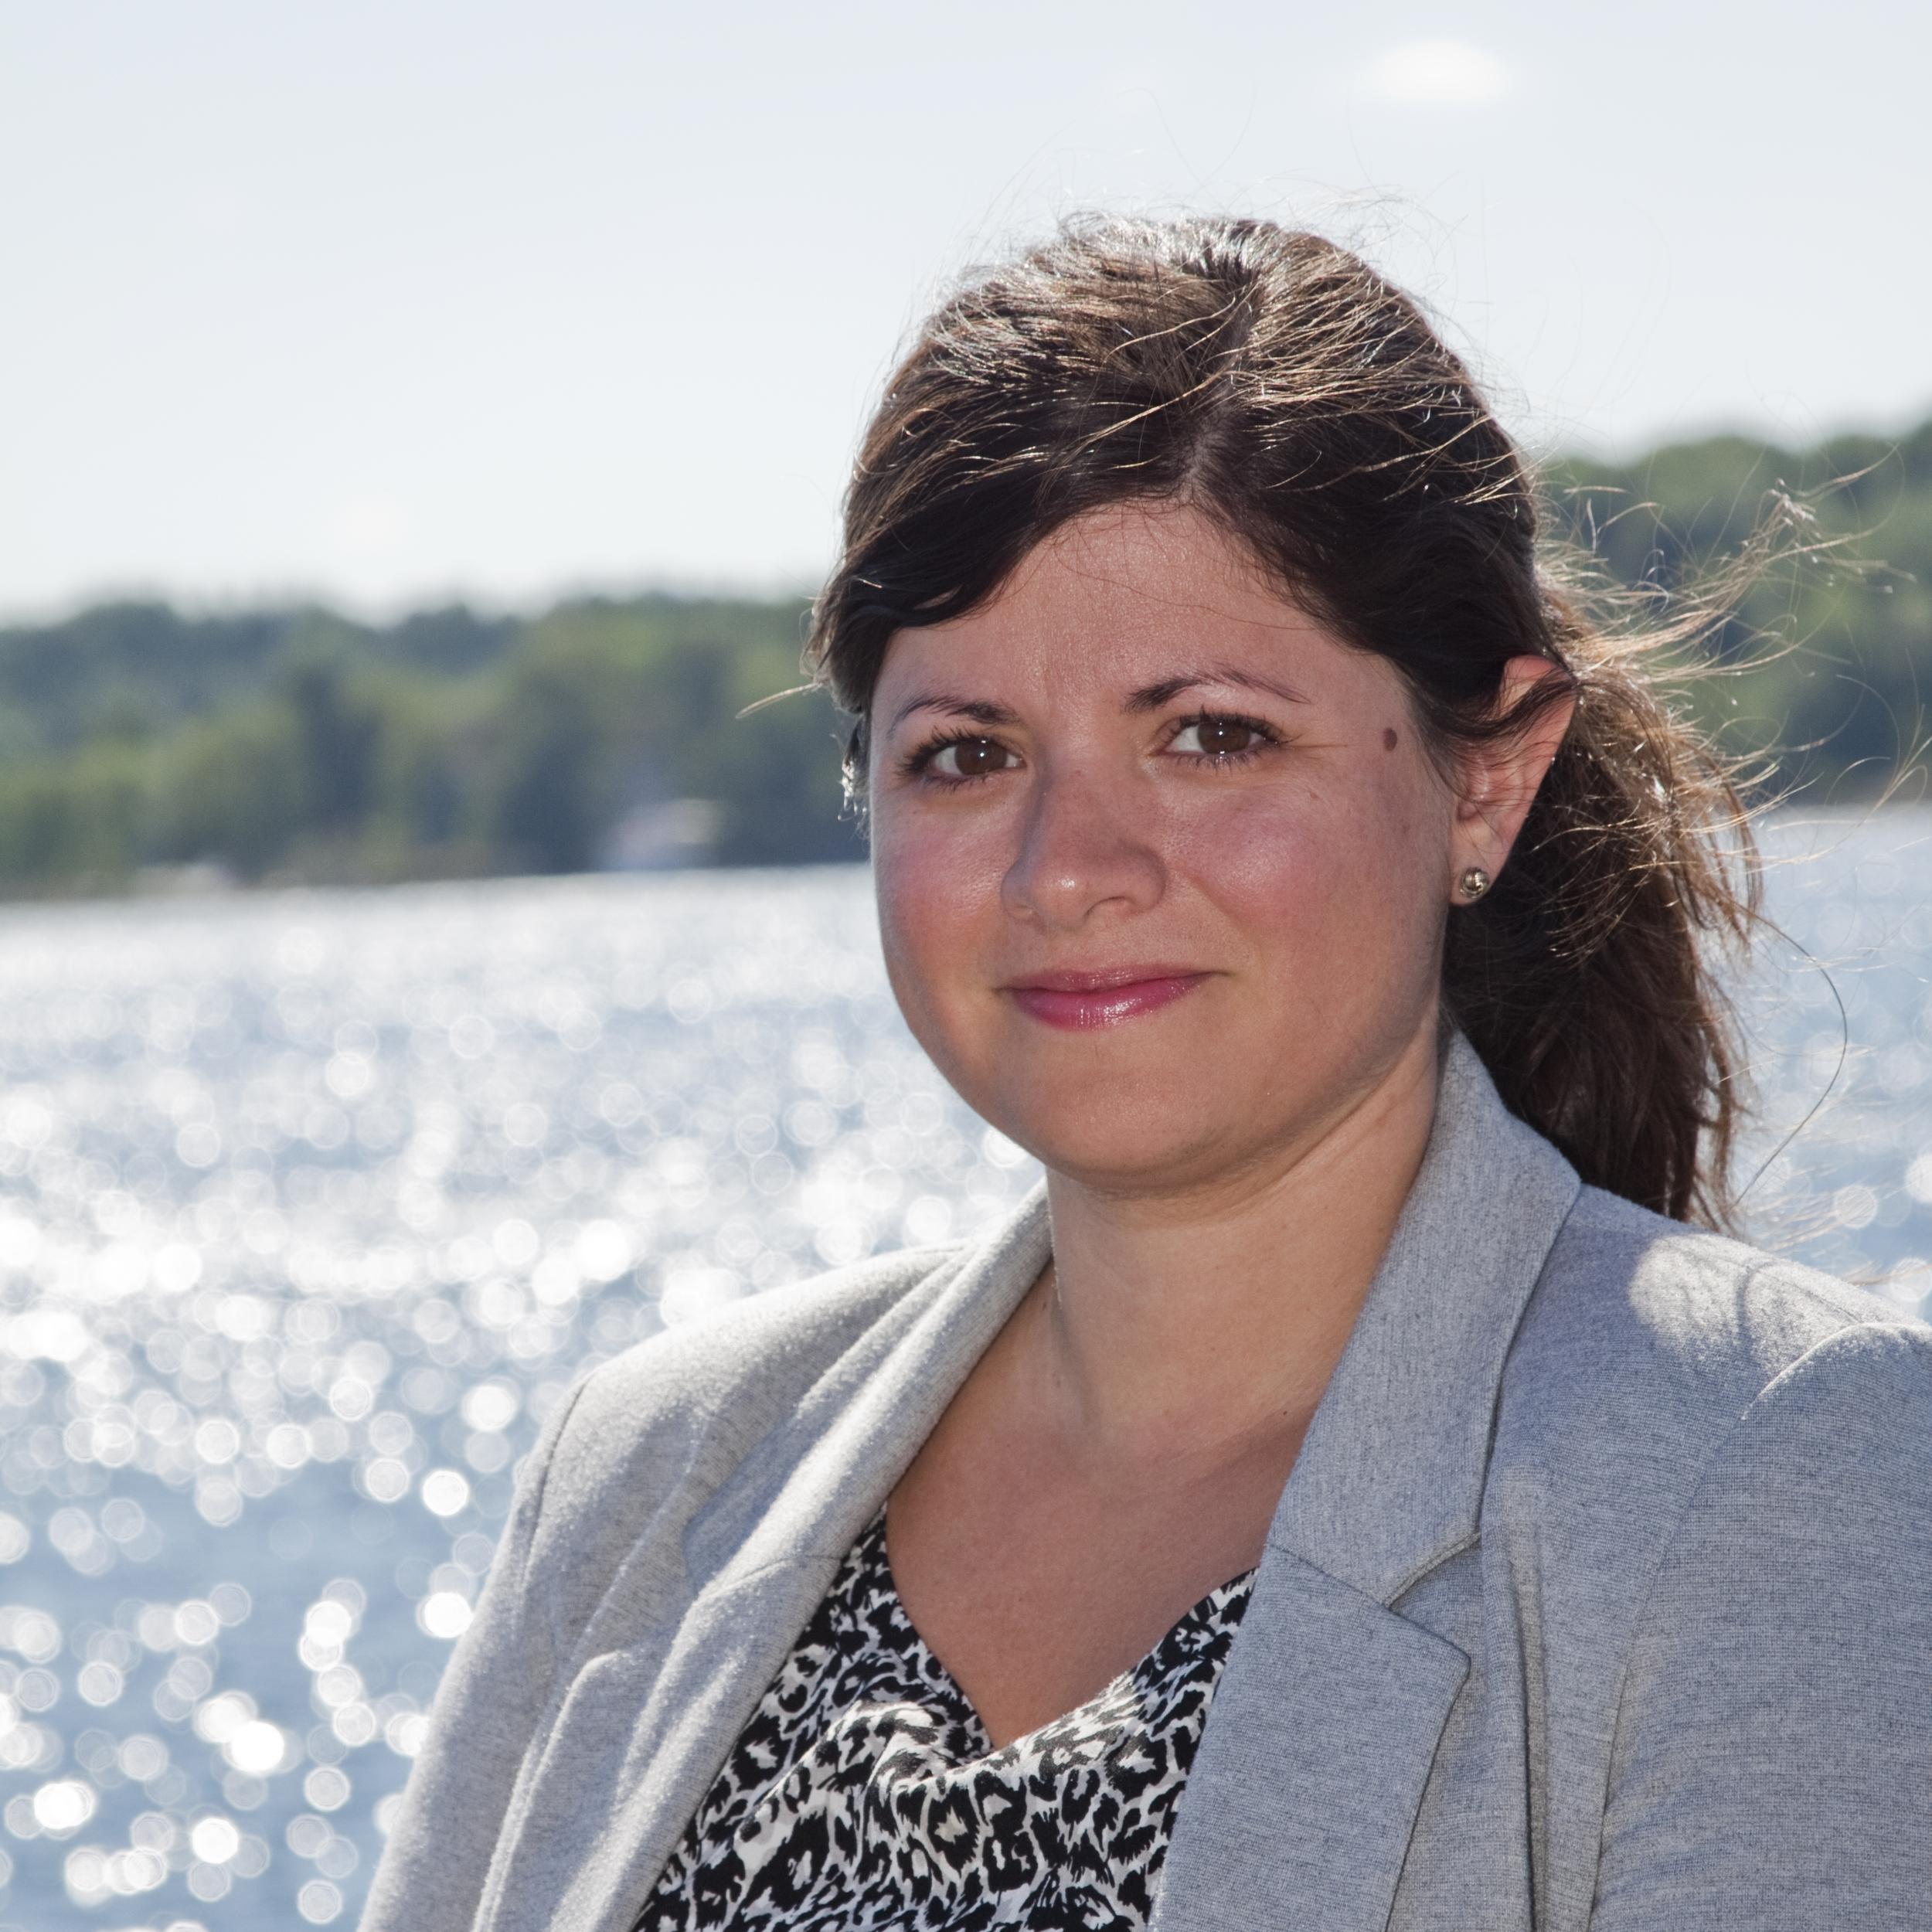 Karoline   Andaur    Karoline Andaur is Deputy CEO at WWF-Norway    Download photo here